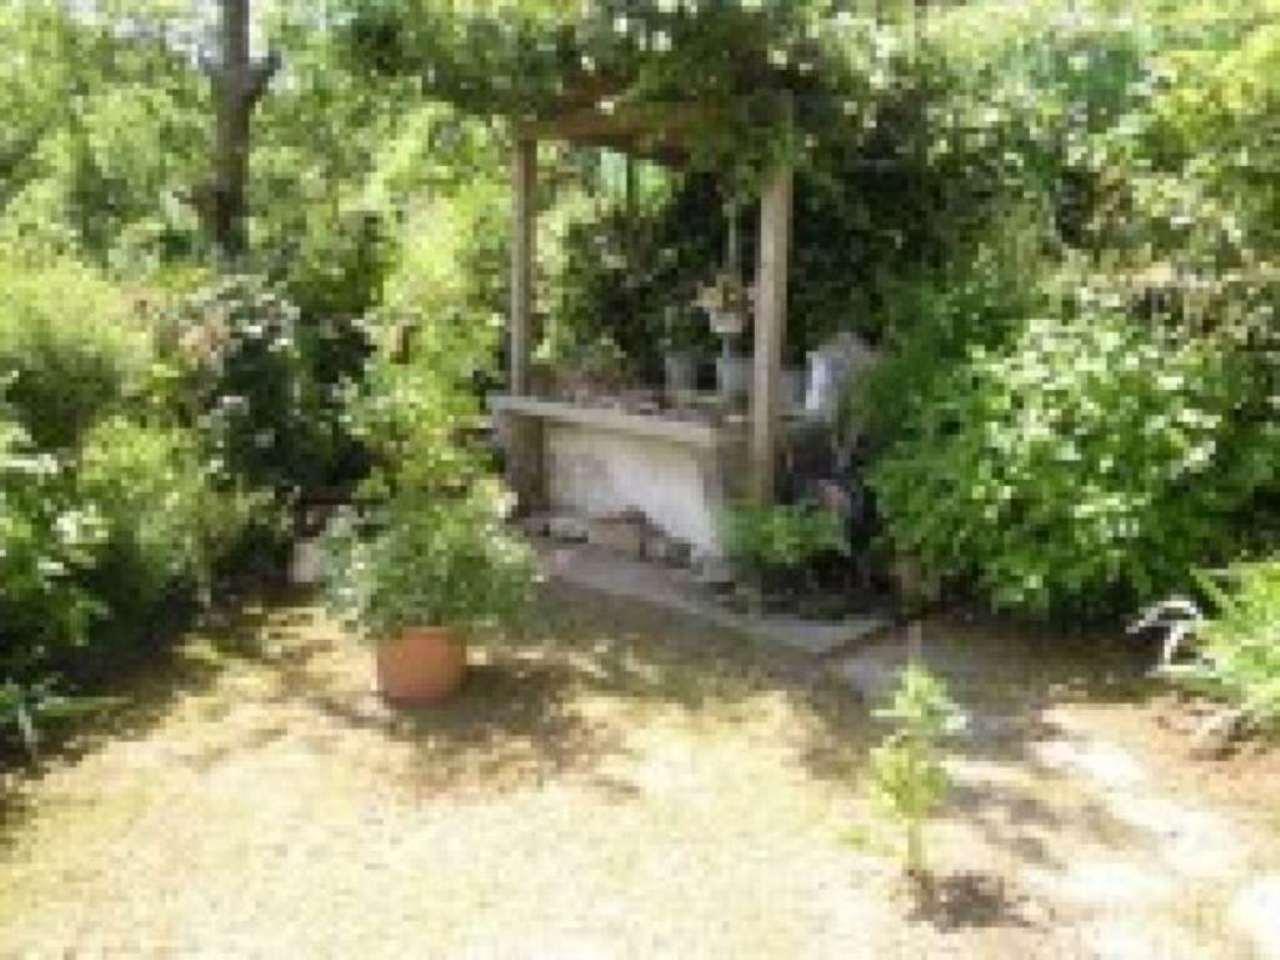 Villa in vendita a Lumarzo, 6 locali, prezzo € 105.000 | Cambio Casa.it